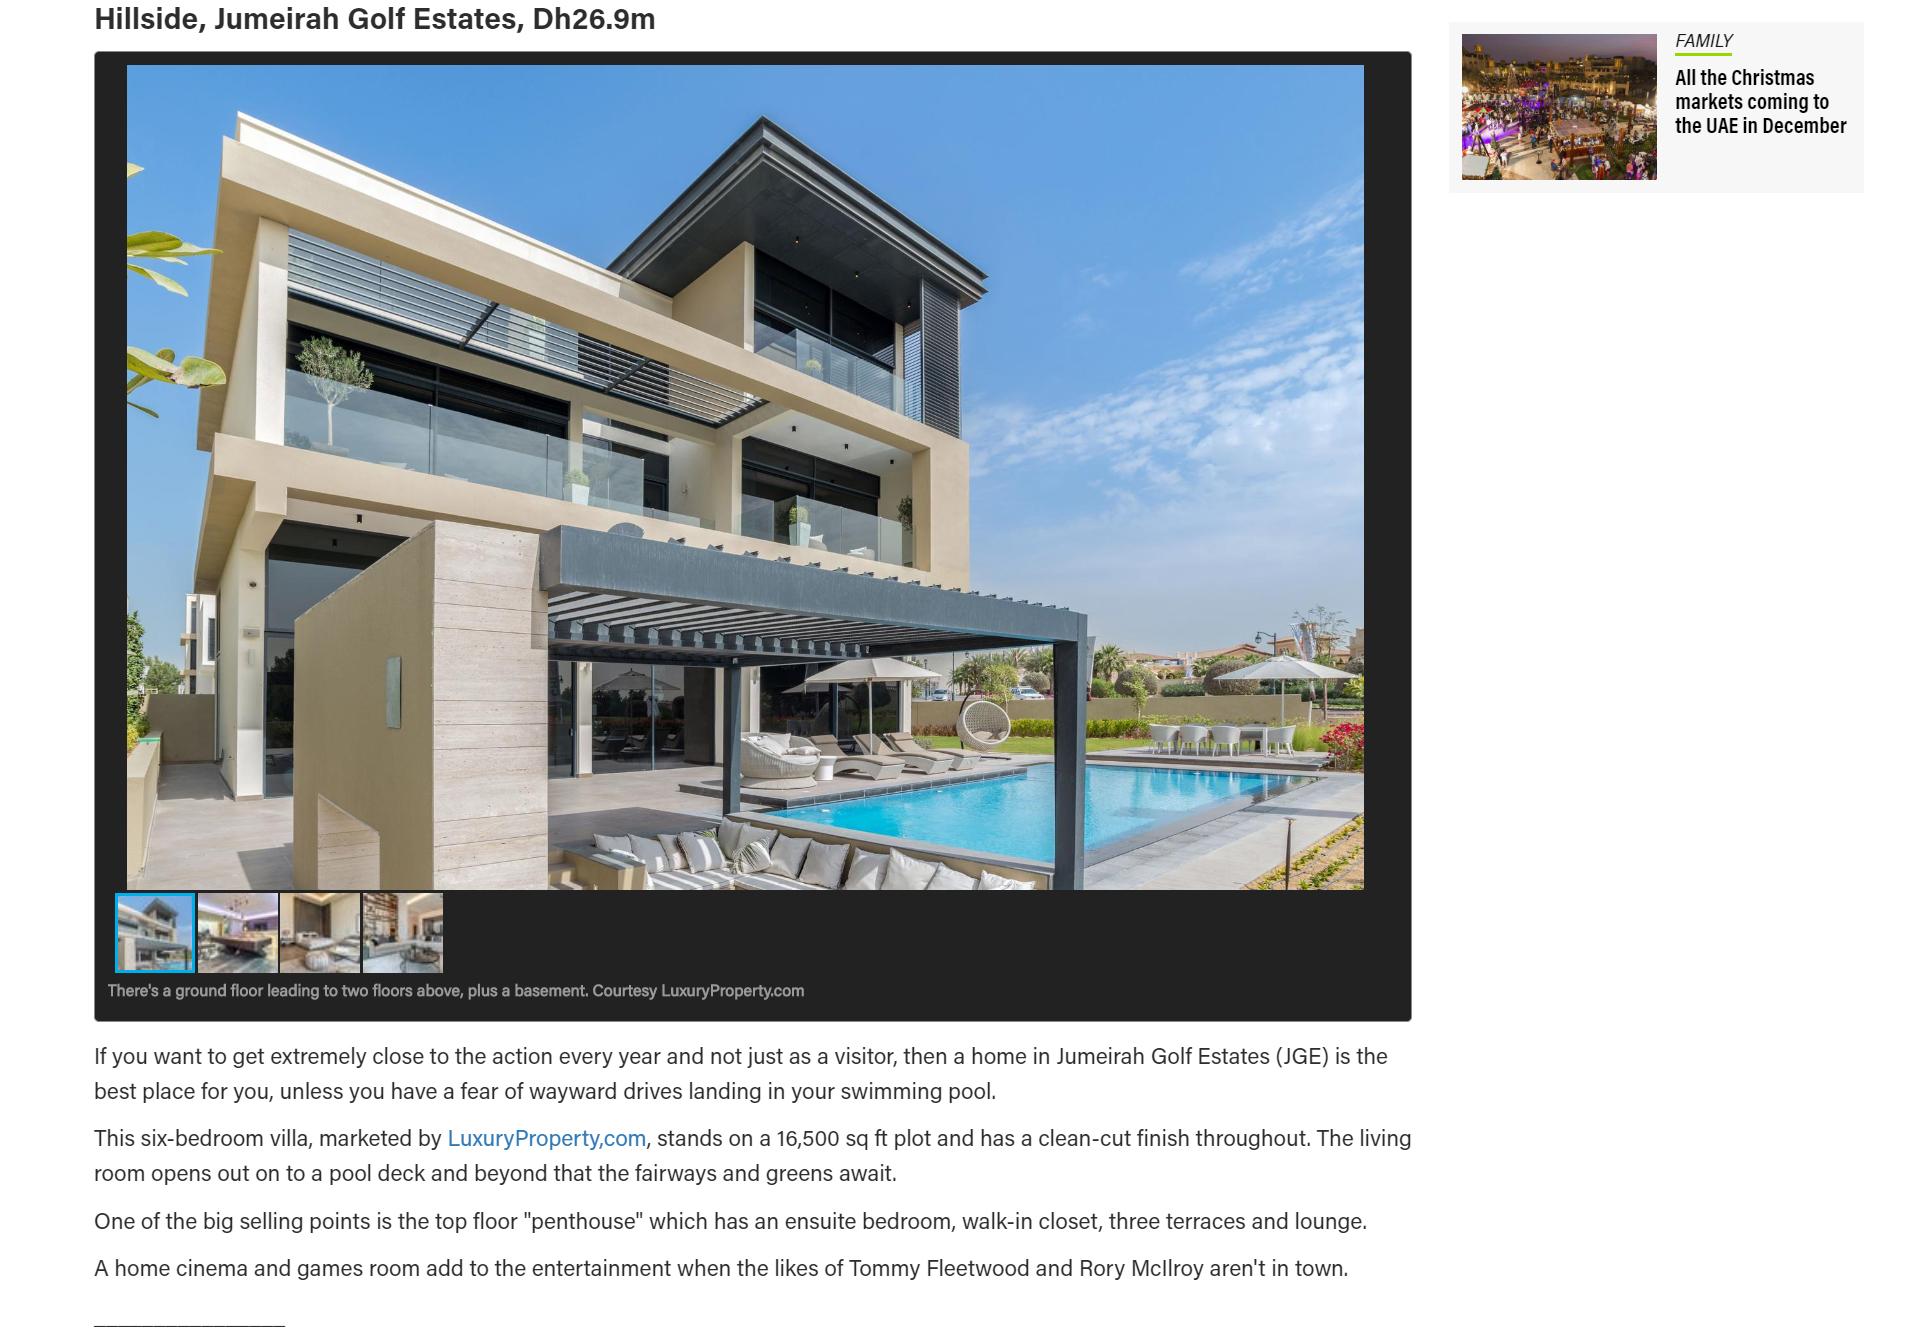 Dubai luxury golf villa - 4